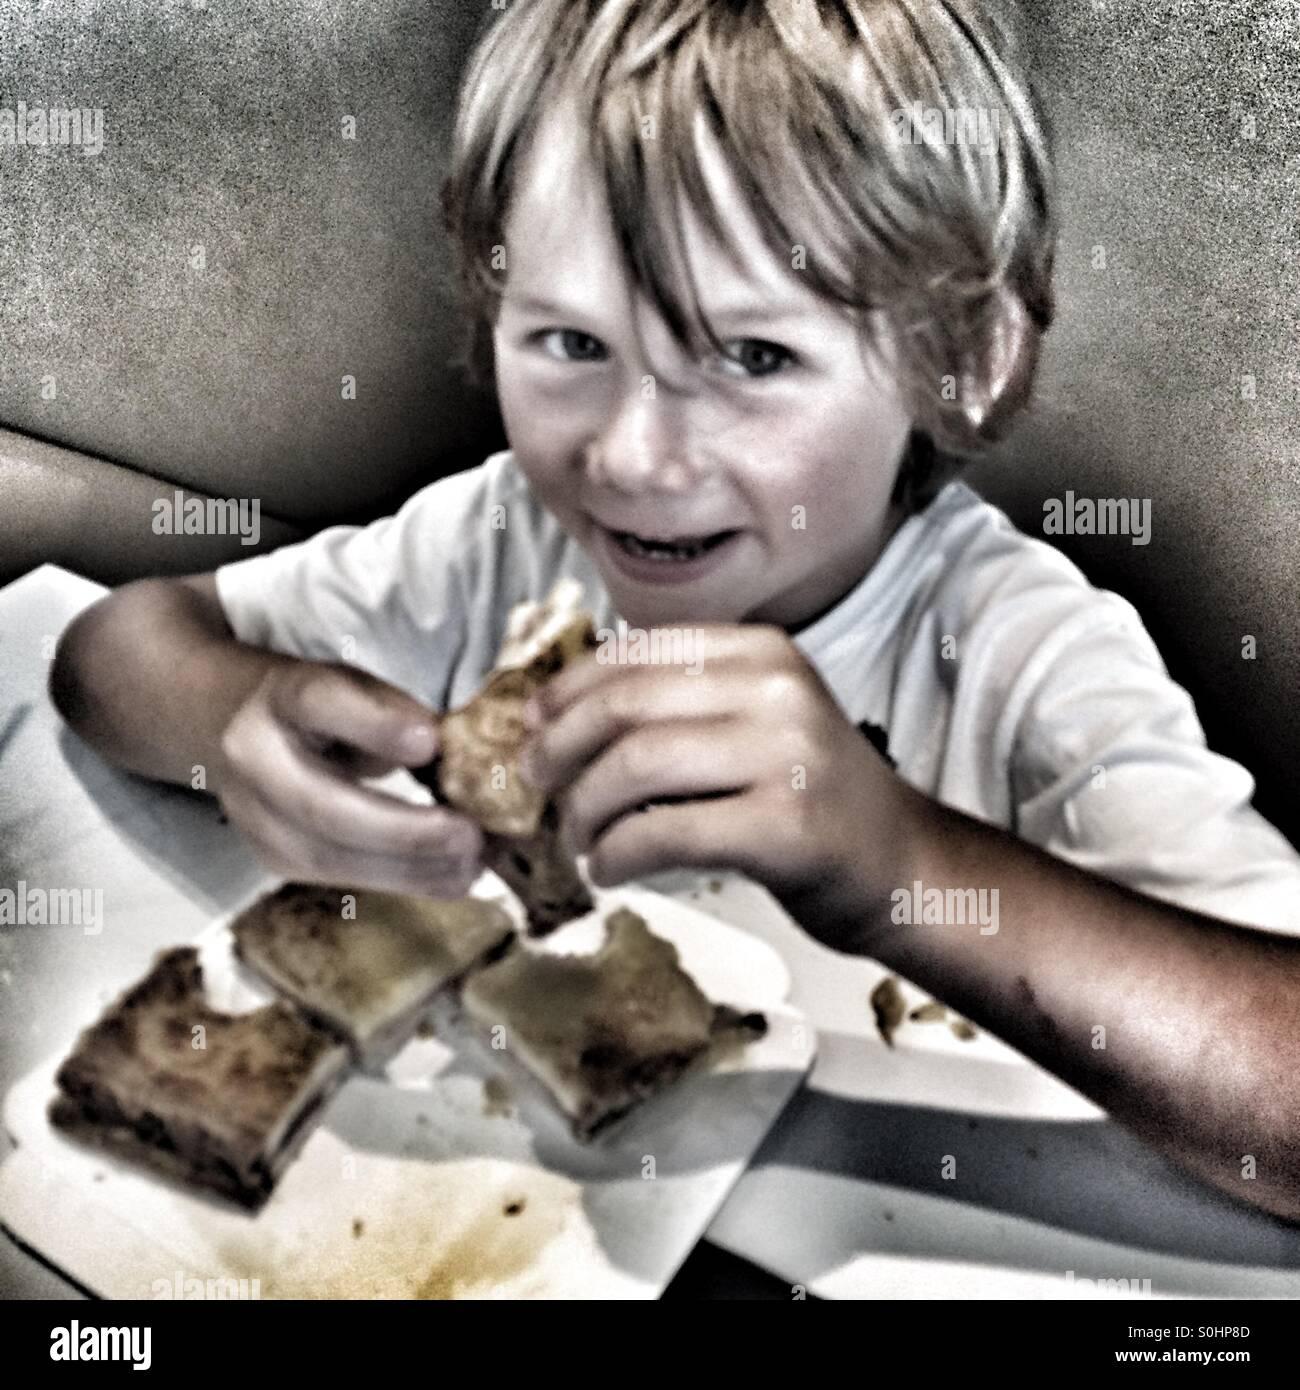 Comer sándwich de cinco años Imagen De Stock